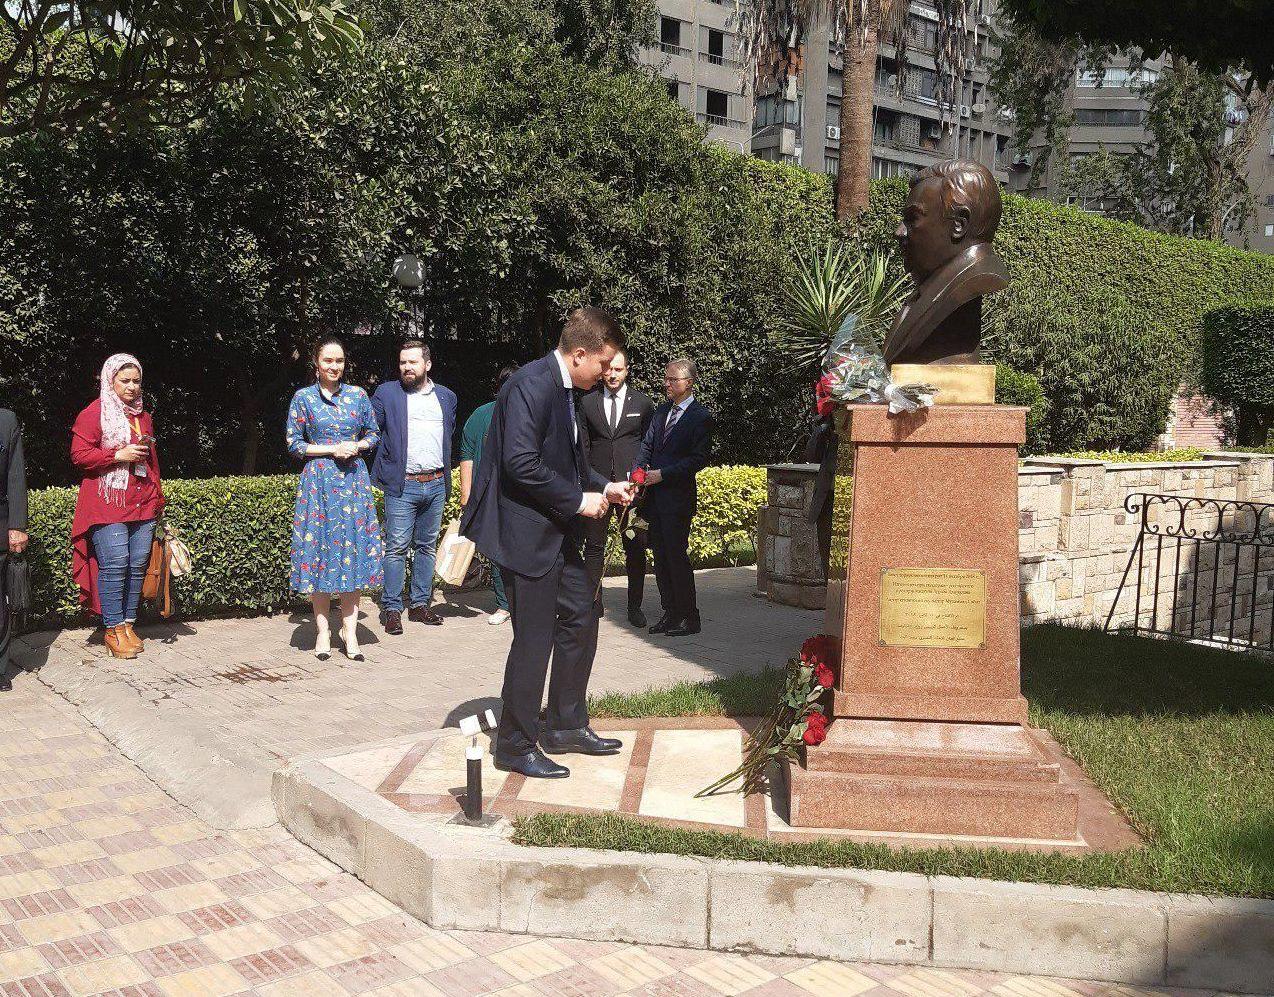 الحضور يضعون ورودا حمراء أمام تمثال بريماكوف في حديقة المركز الثقافي الروسي بالقاهرة احتفالا بذكرى ميلاده الـ90، 28 أكتوبر/تشرين الأول 2019